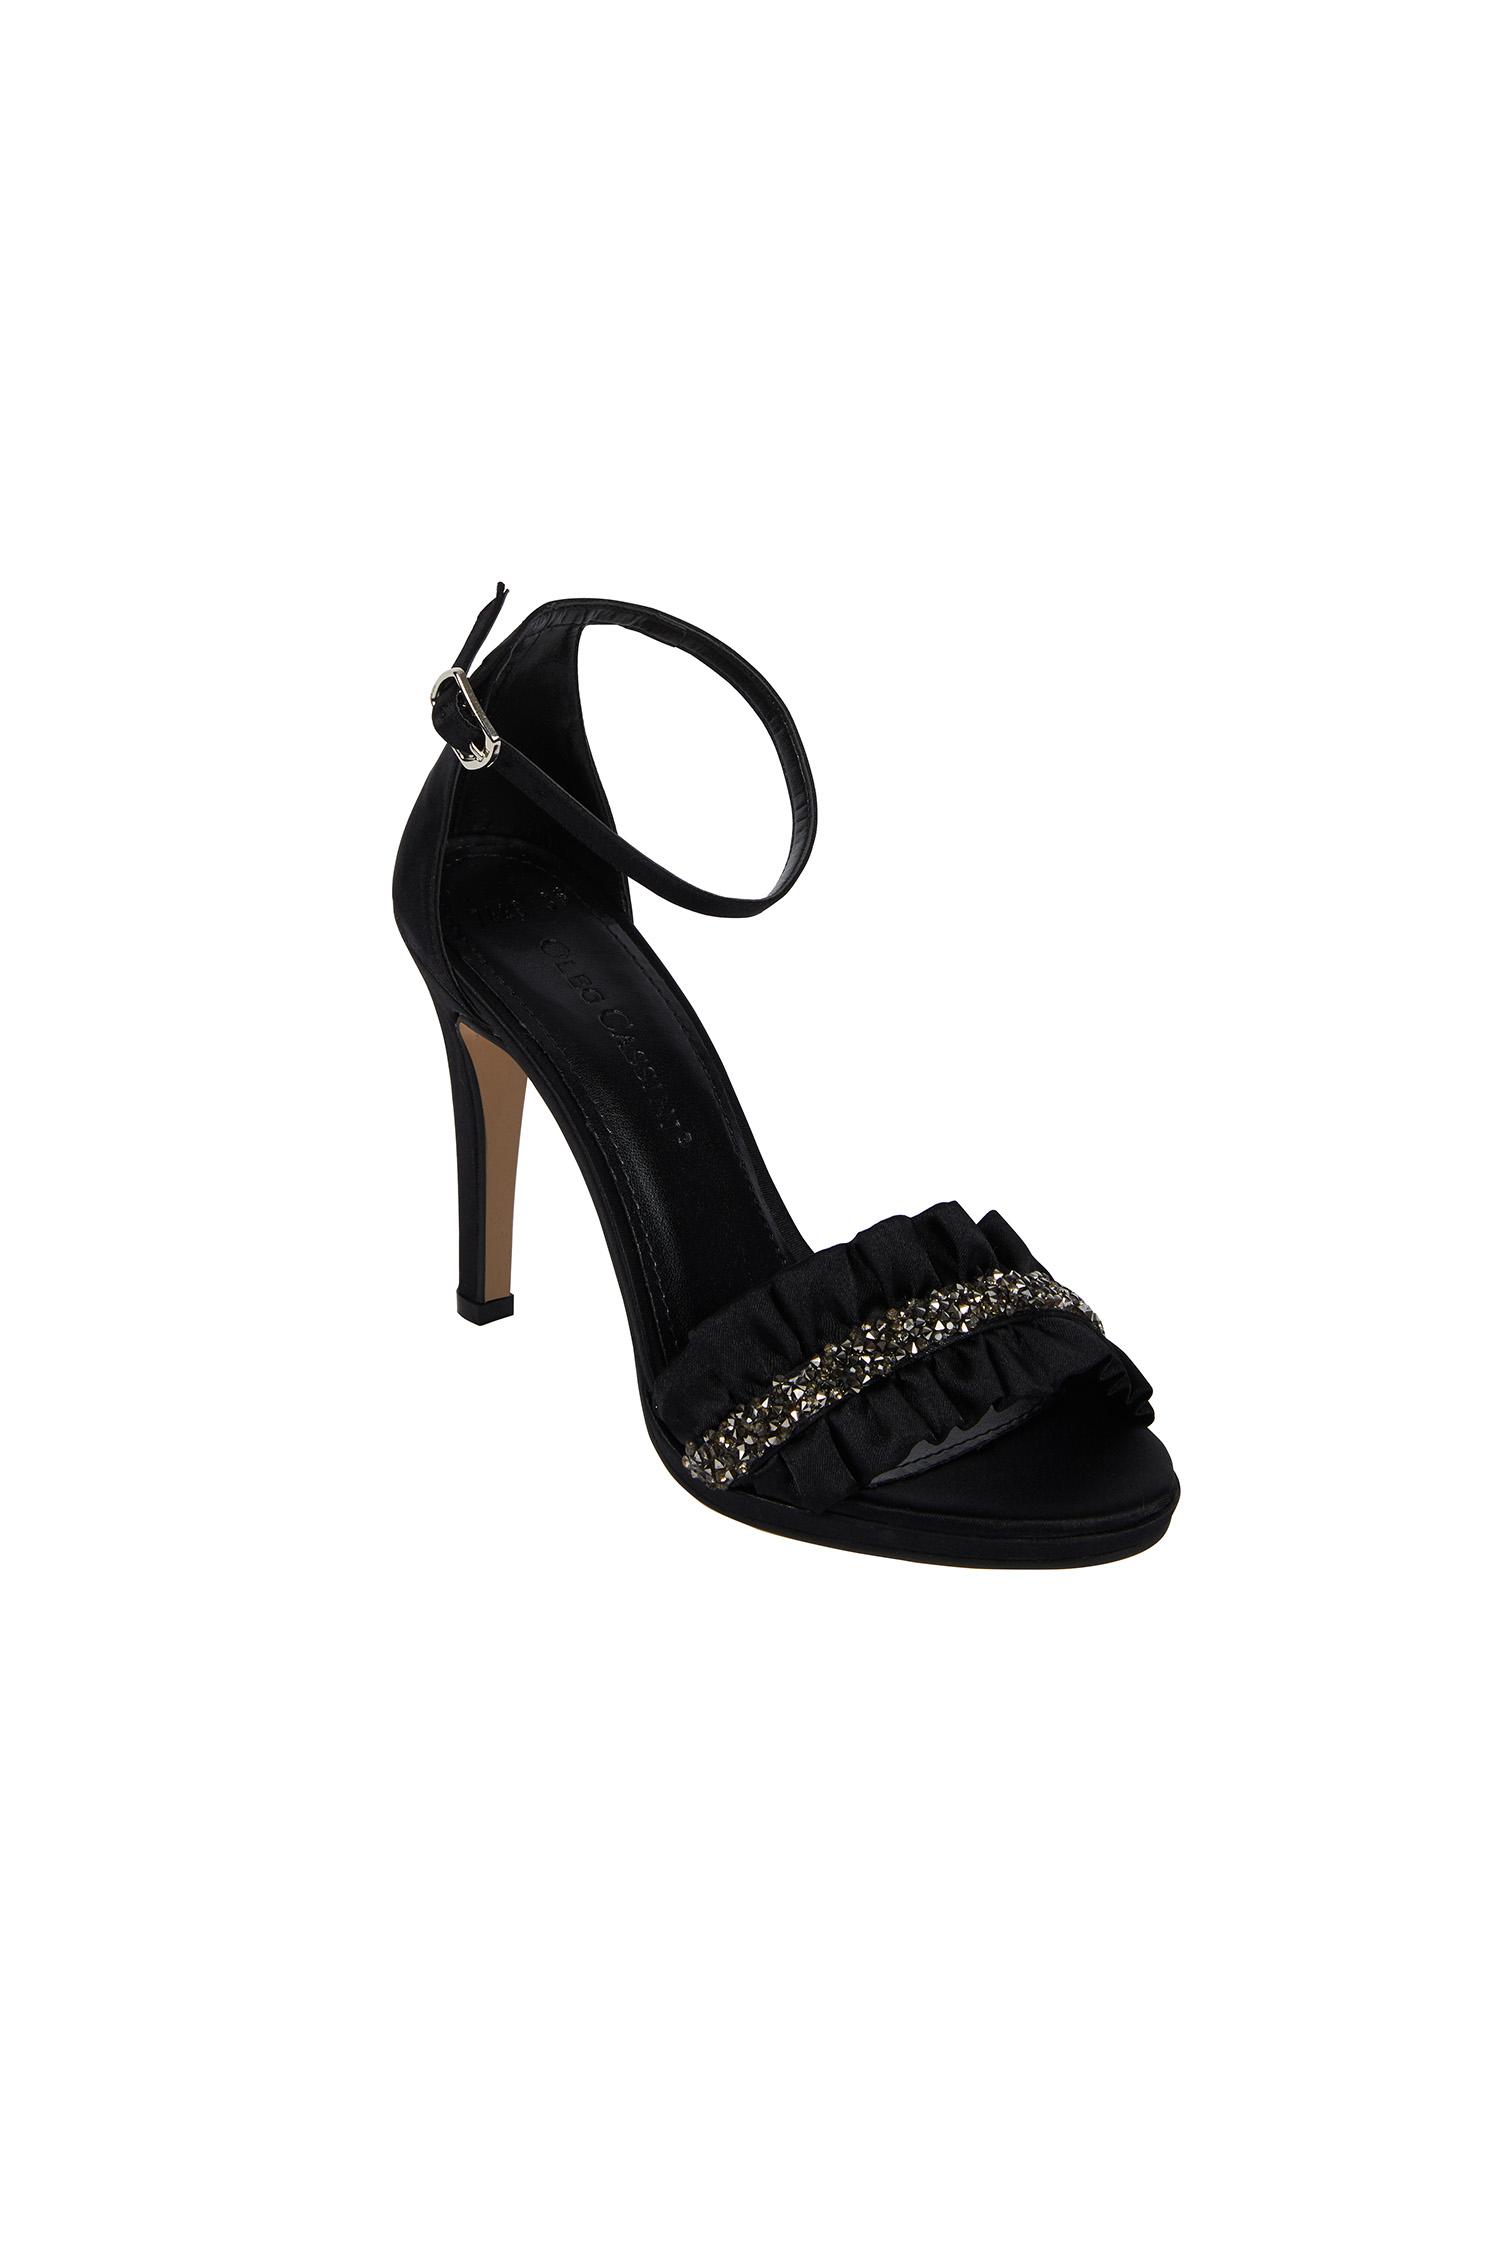 Taş İşleme Detaylı Siyah Renk Abiye Ayakkabı